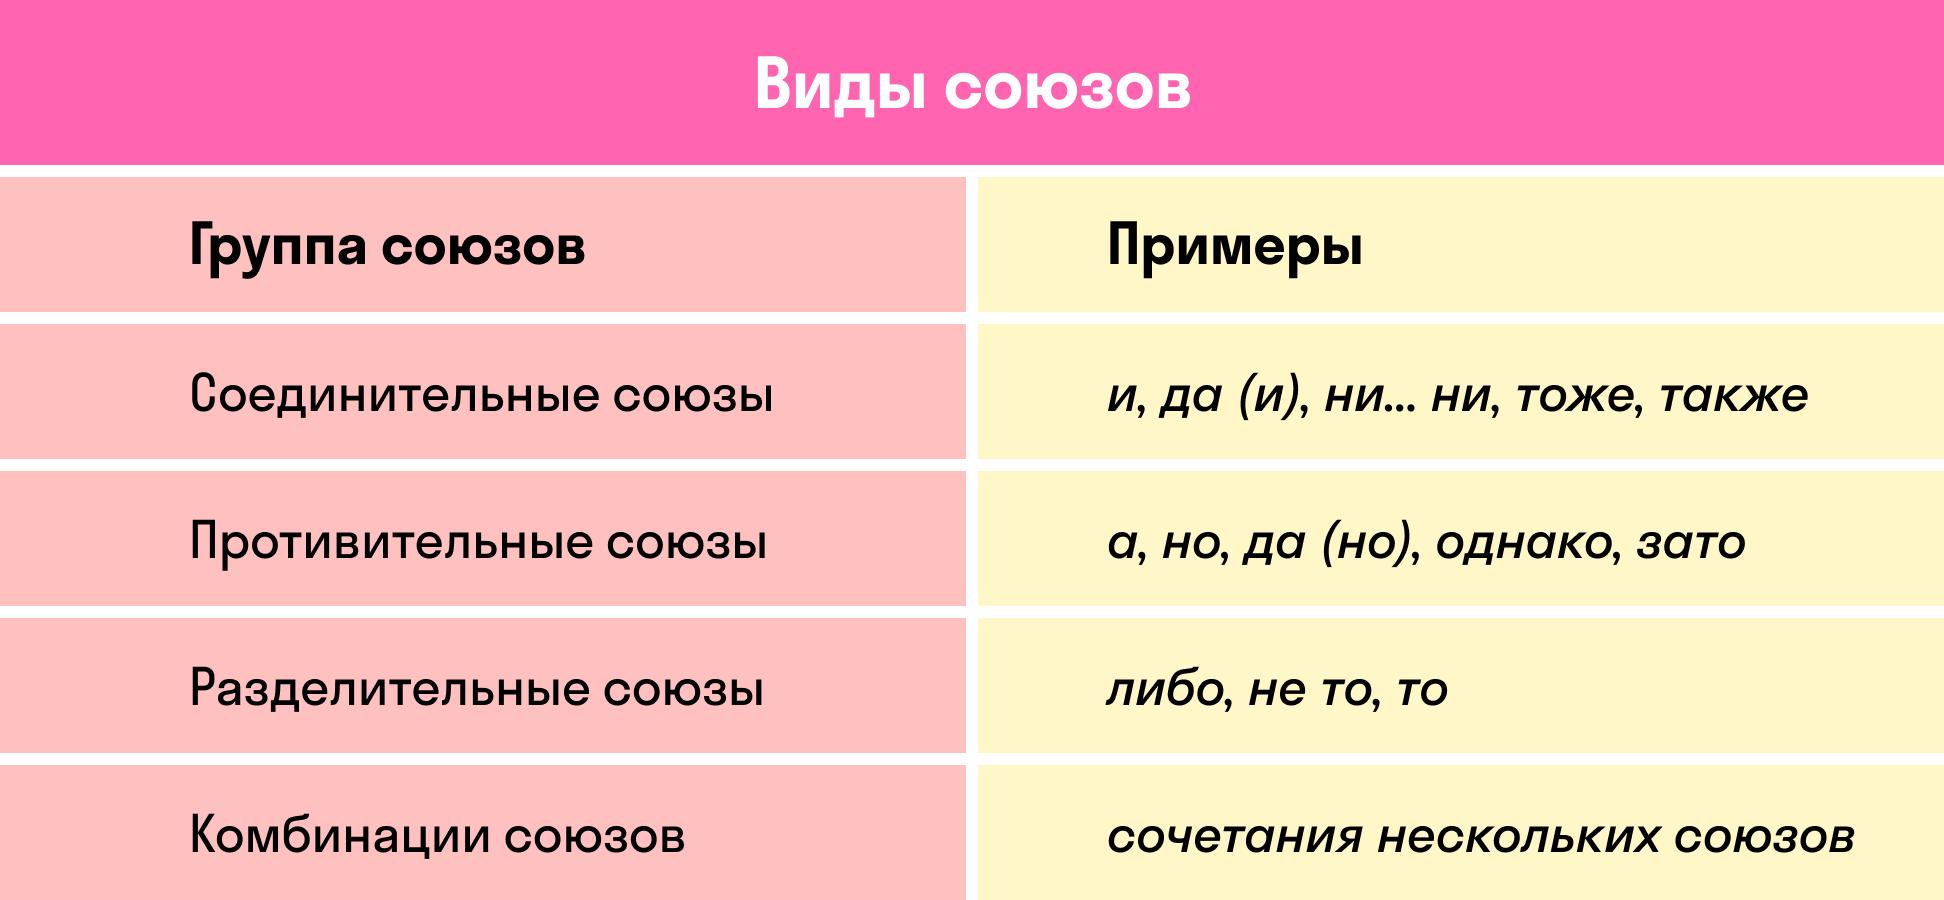 Виды союзов   skysmart.ru